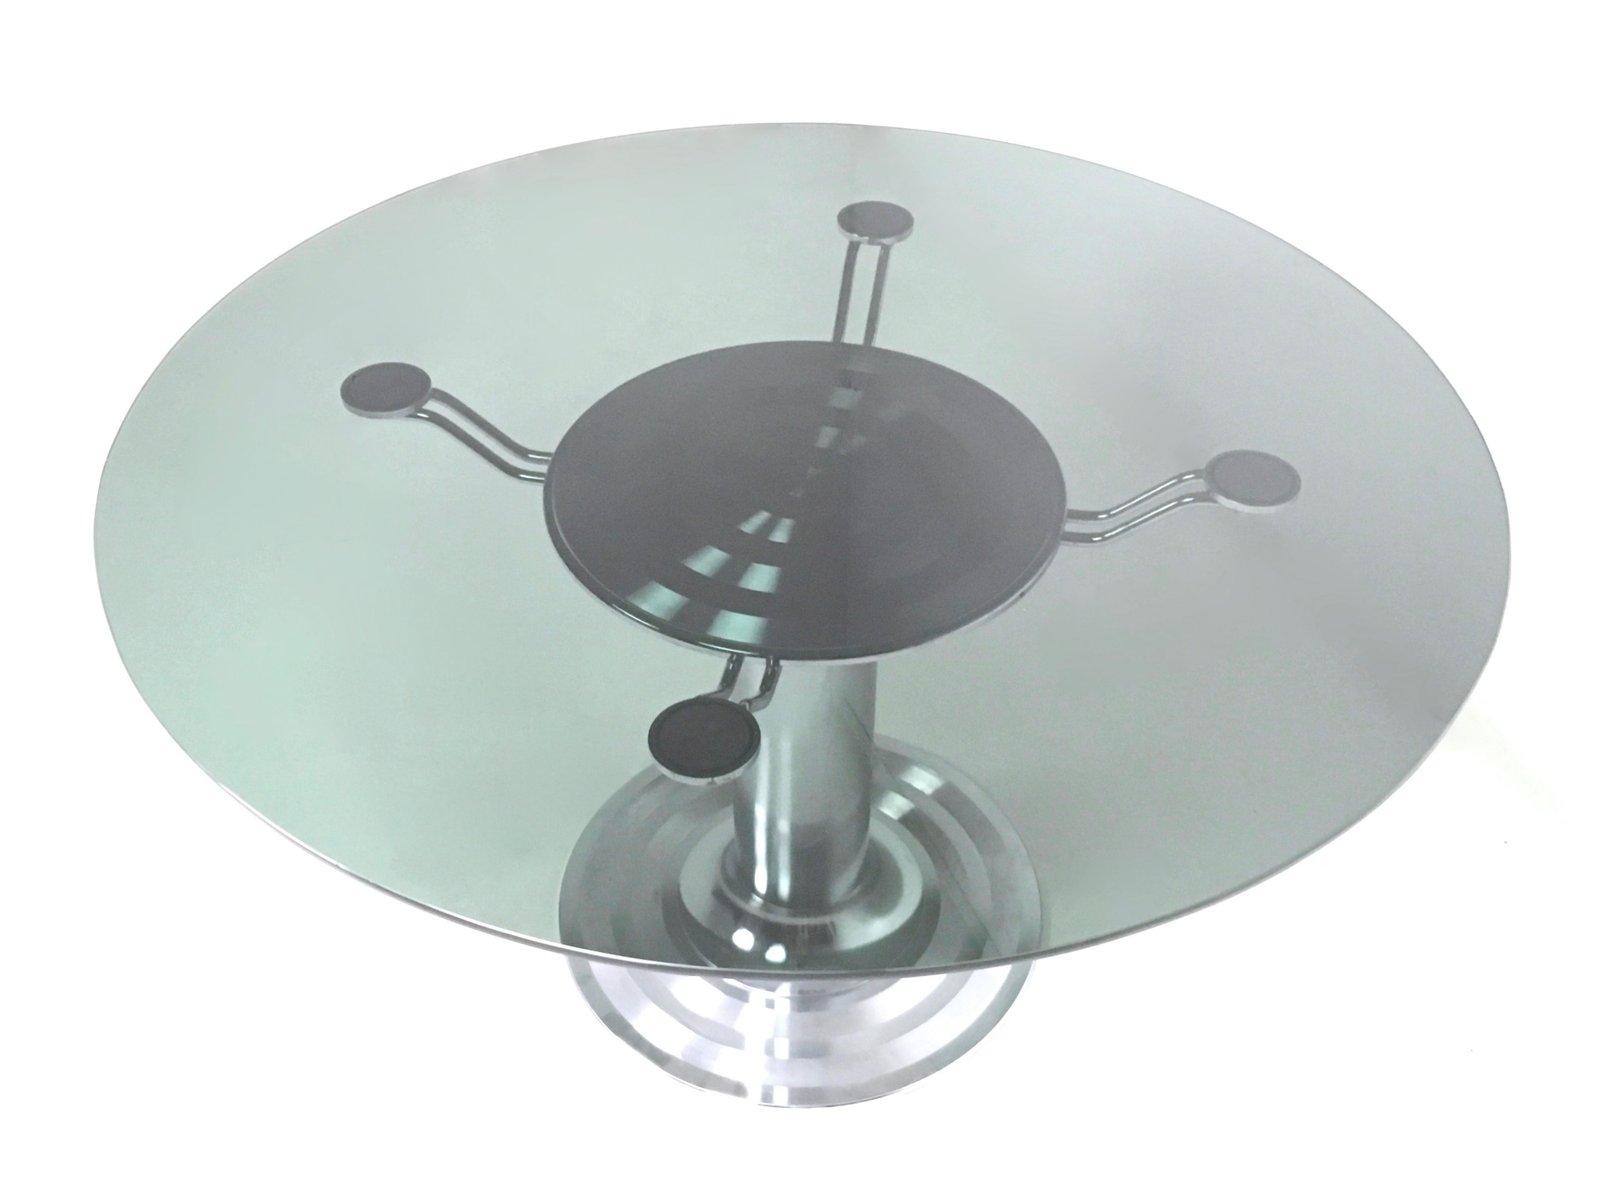 Runder esstisch aus verchromtem metall glas 1970er bei for Runder esstisch glas